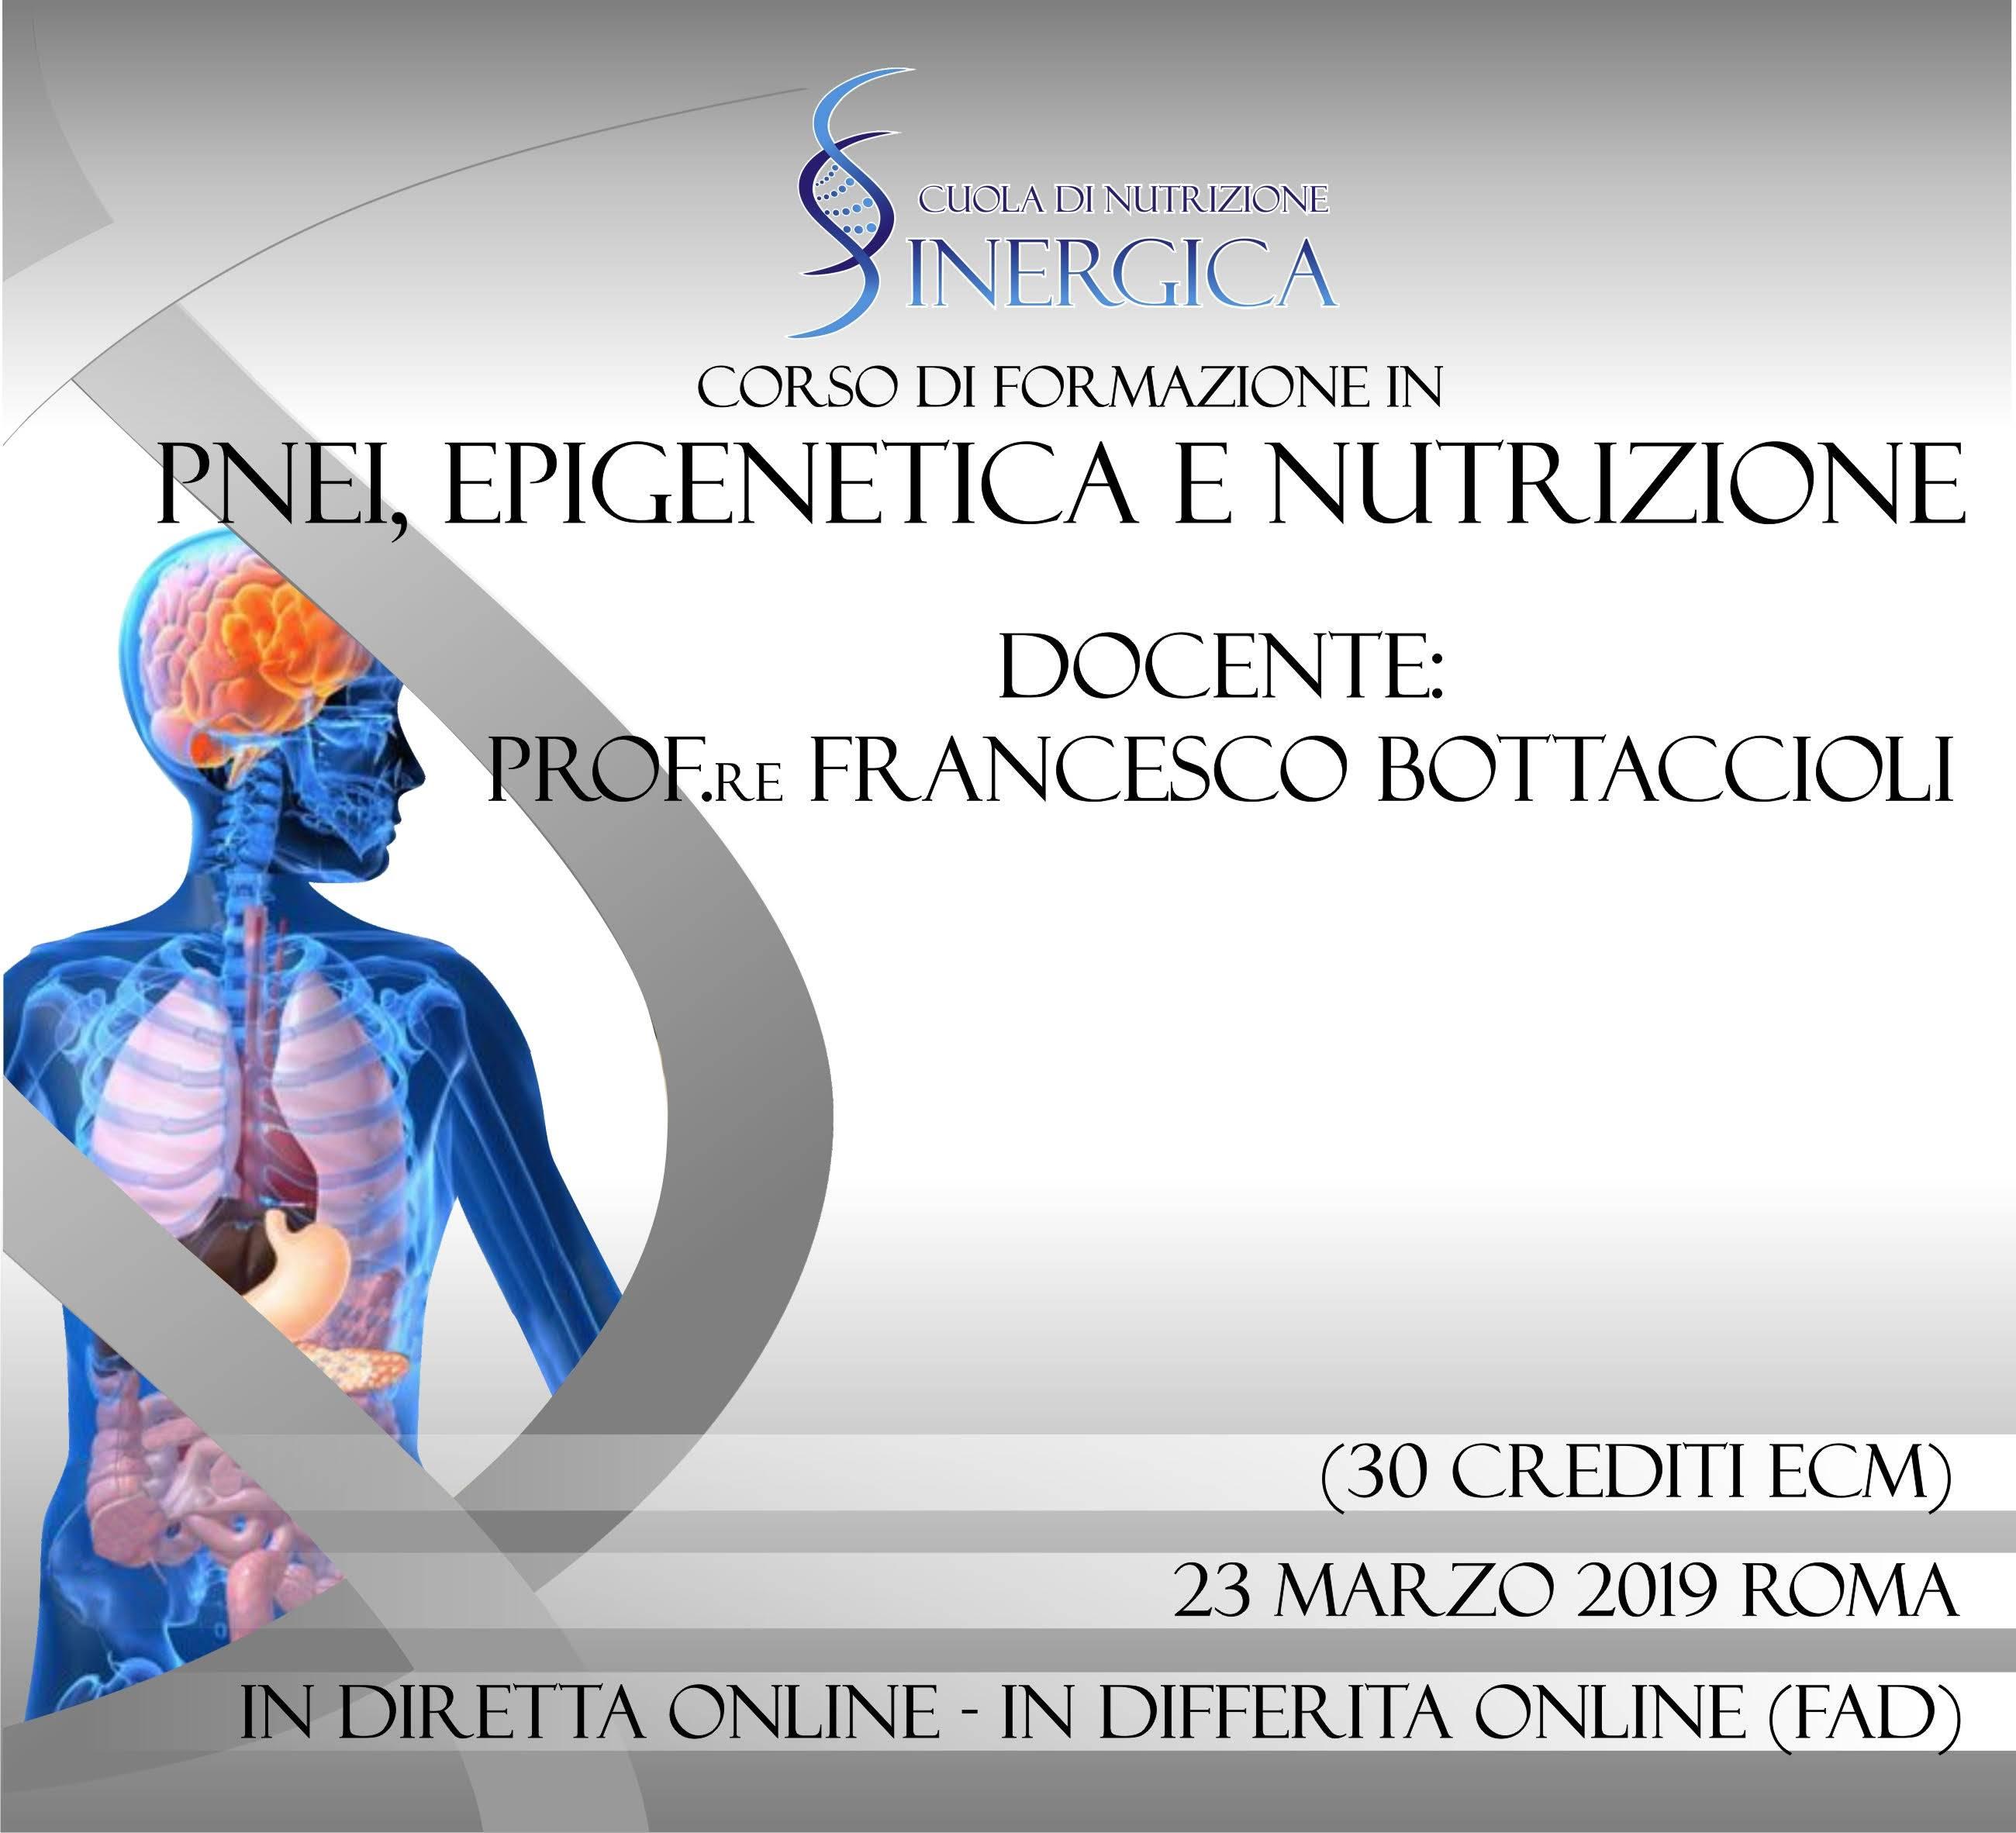 Pnei epigenetica e nutrizione